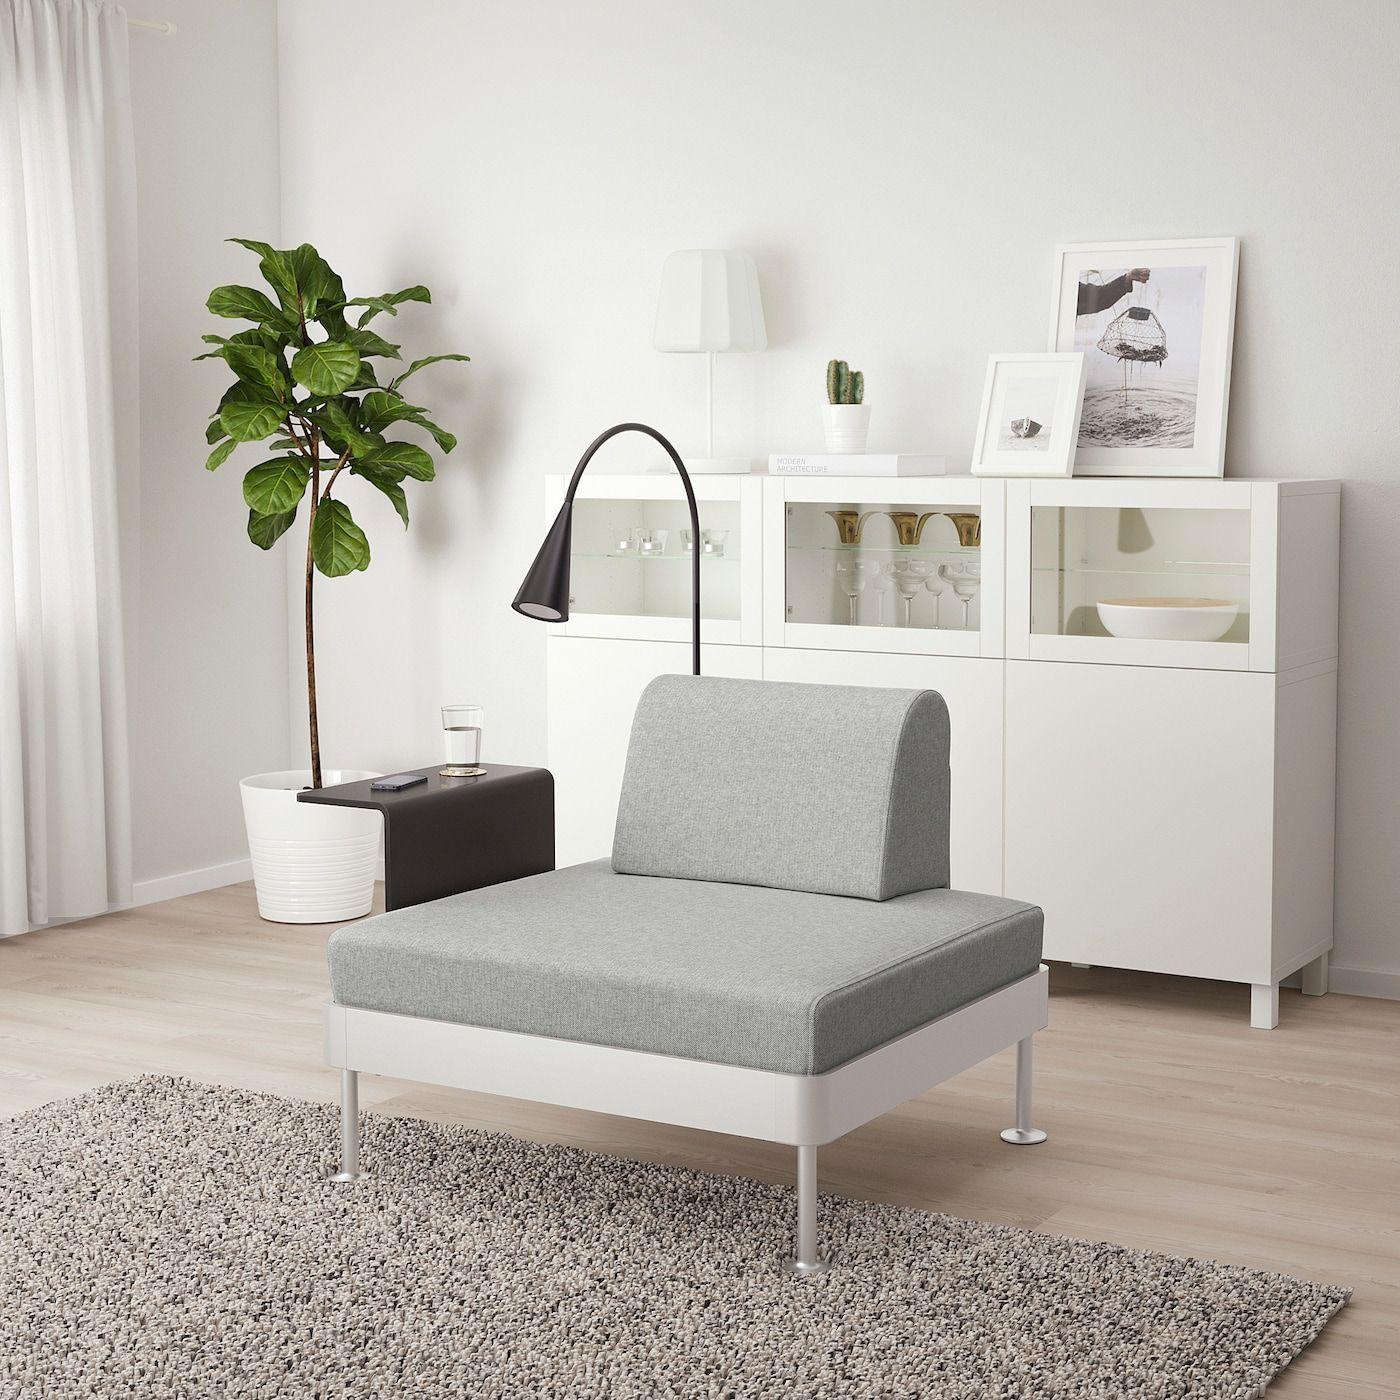 Ikea Delaktig Sessel Mit Ablage Und Leuchte Tallmyra Wei Szlig Schwarz In 2020 Recamiere Ikea Chaise